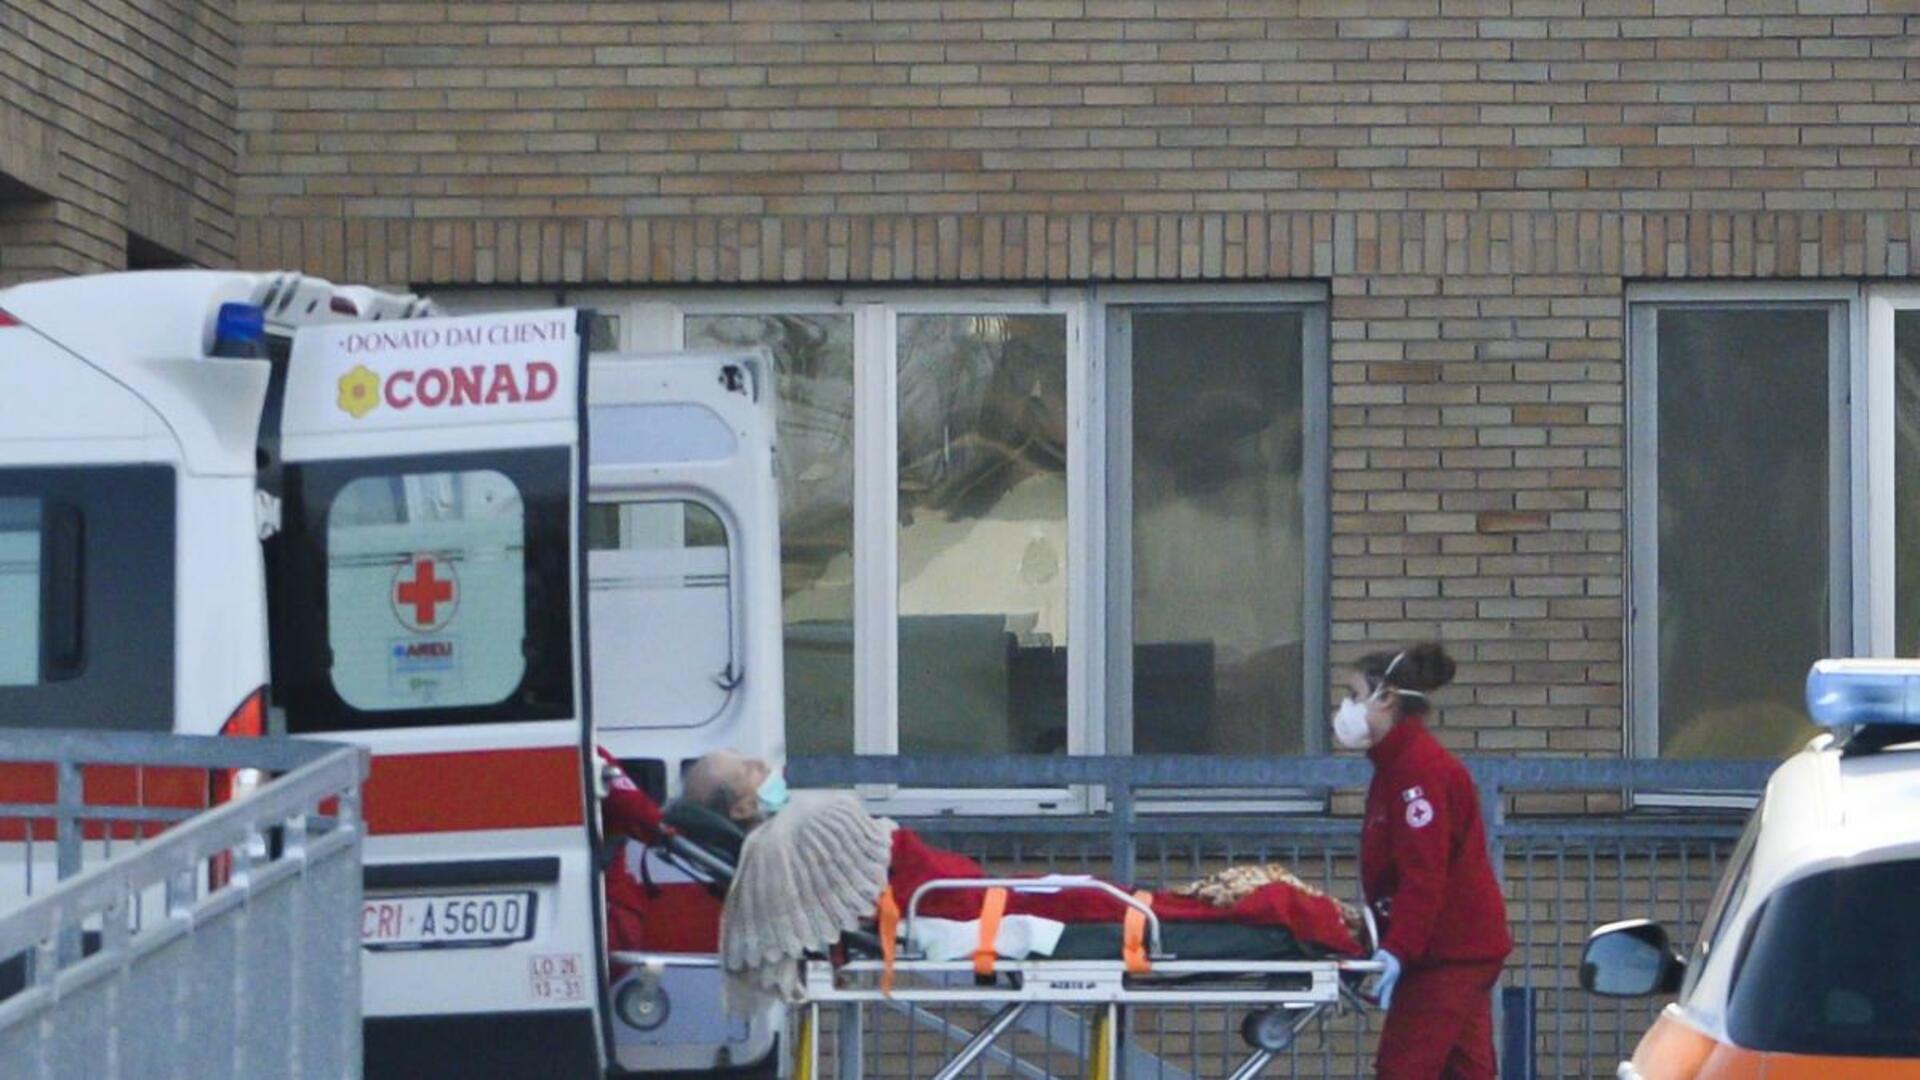 Italia confirma 6 muertos y 229 infectados por Coronavirus